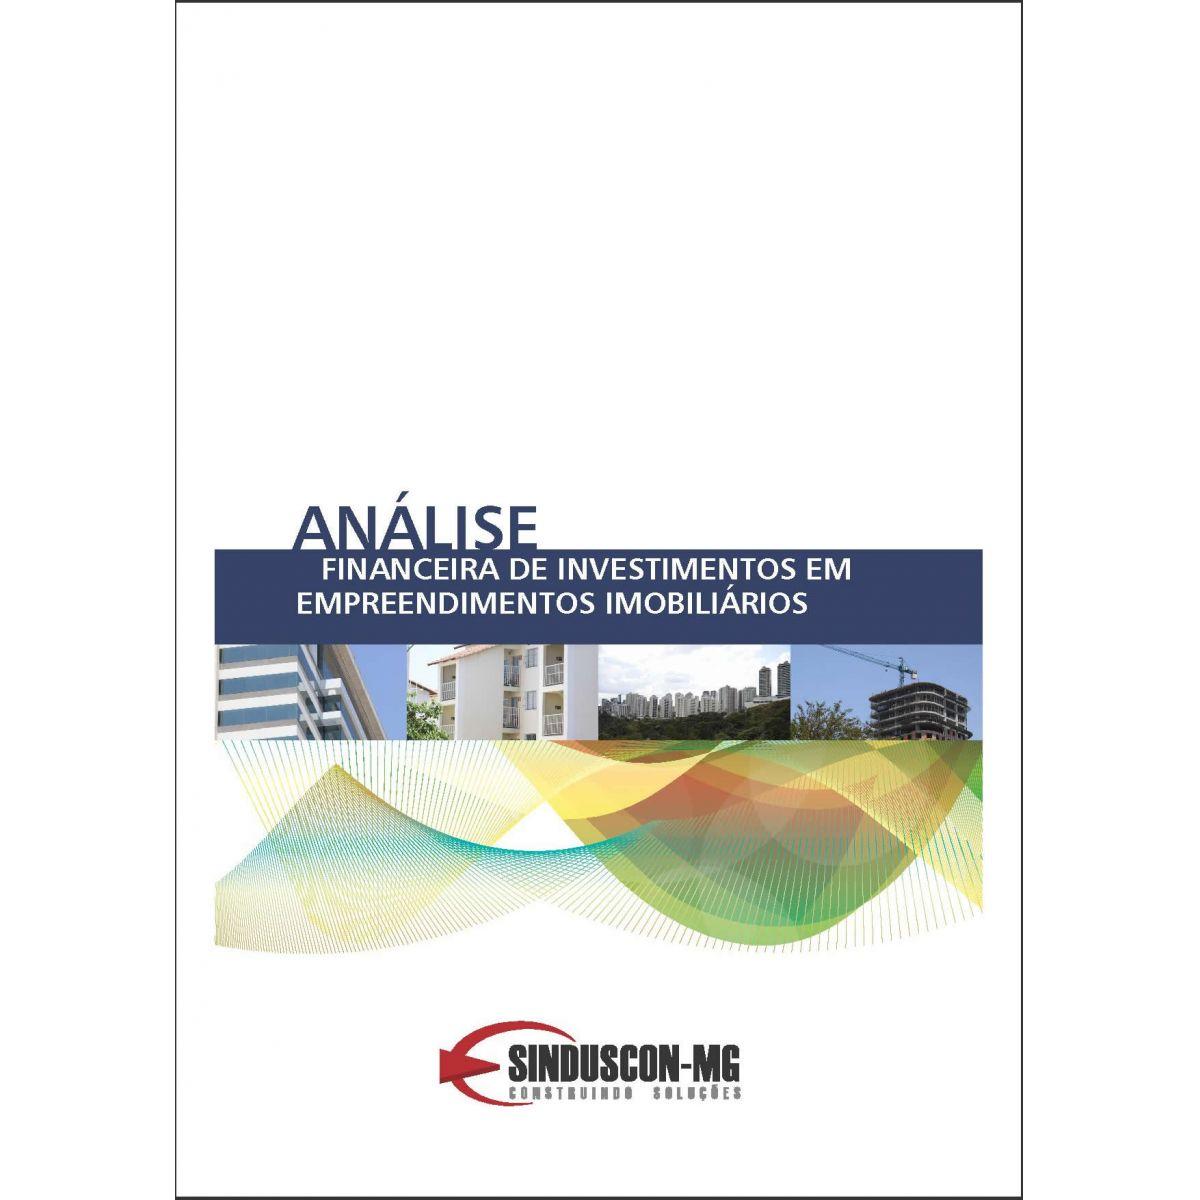 Análise Financeira de Investimentos em Empreendimentos Imobiliários